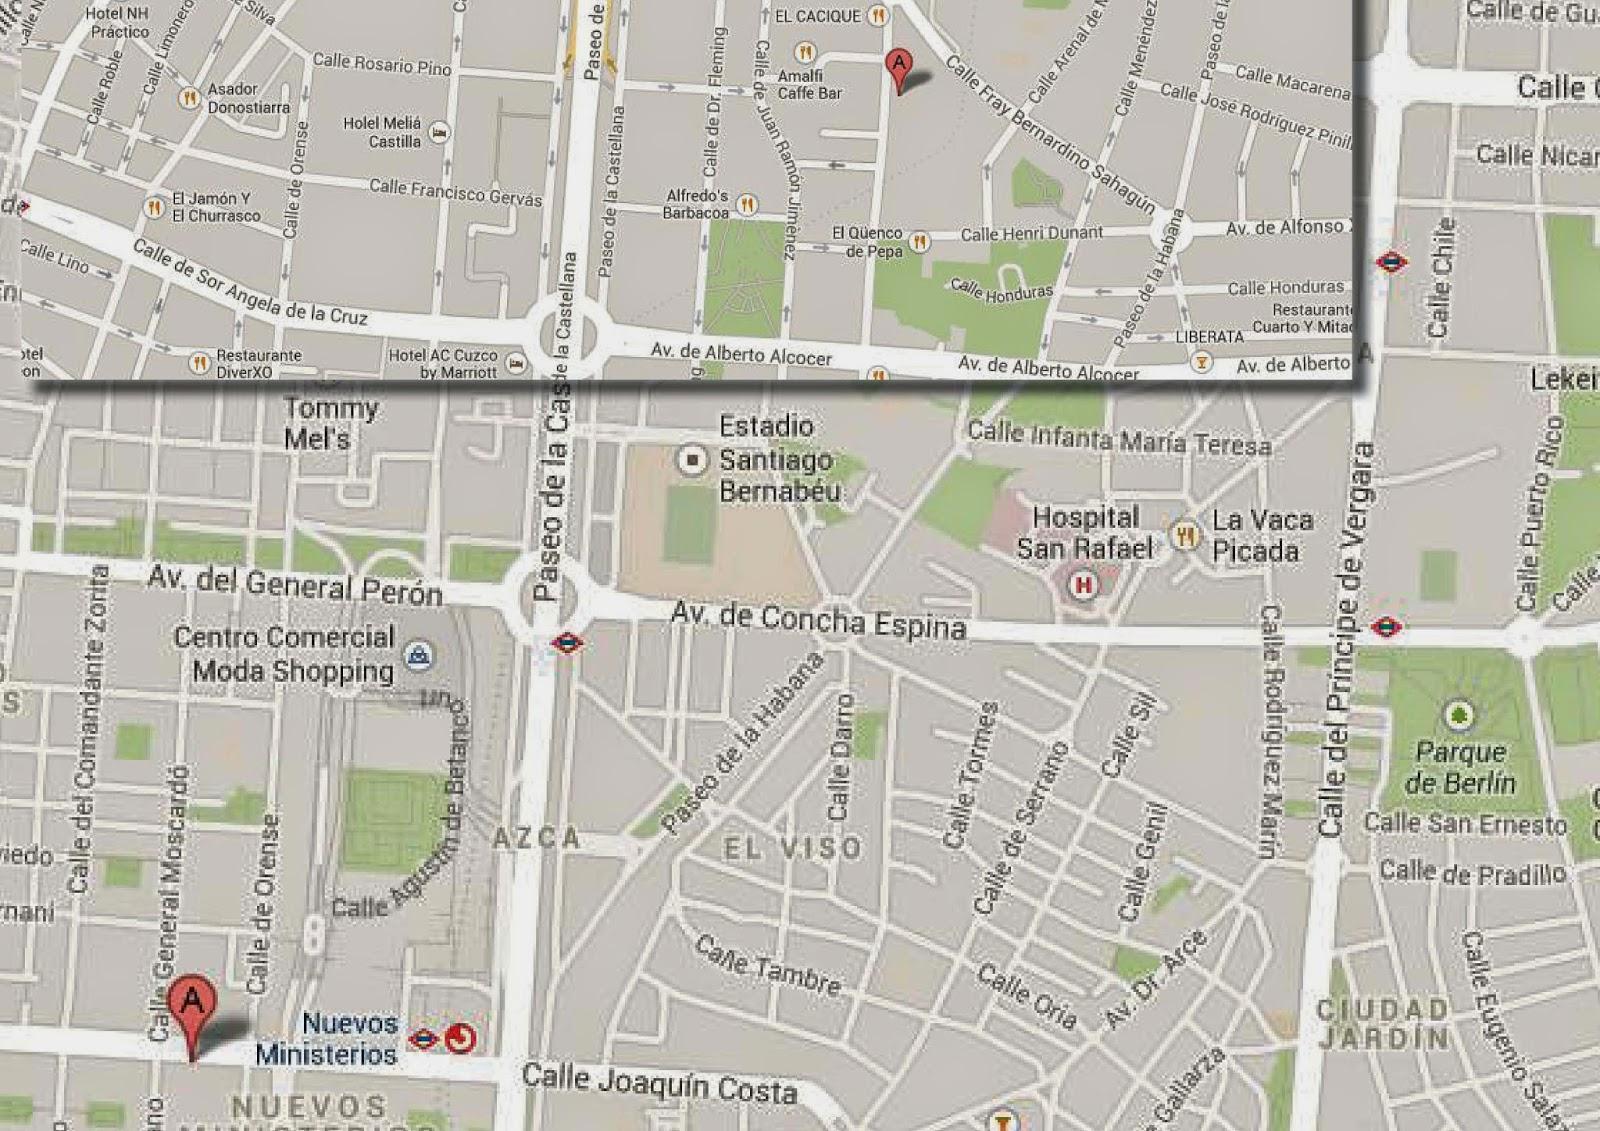 solares Madrid elbloginmobiliario.com